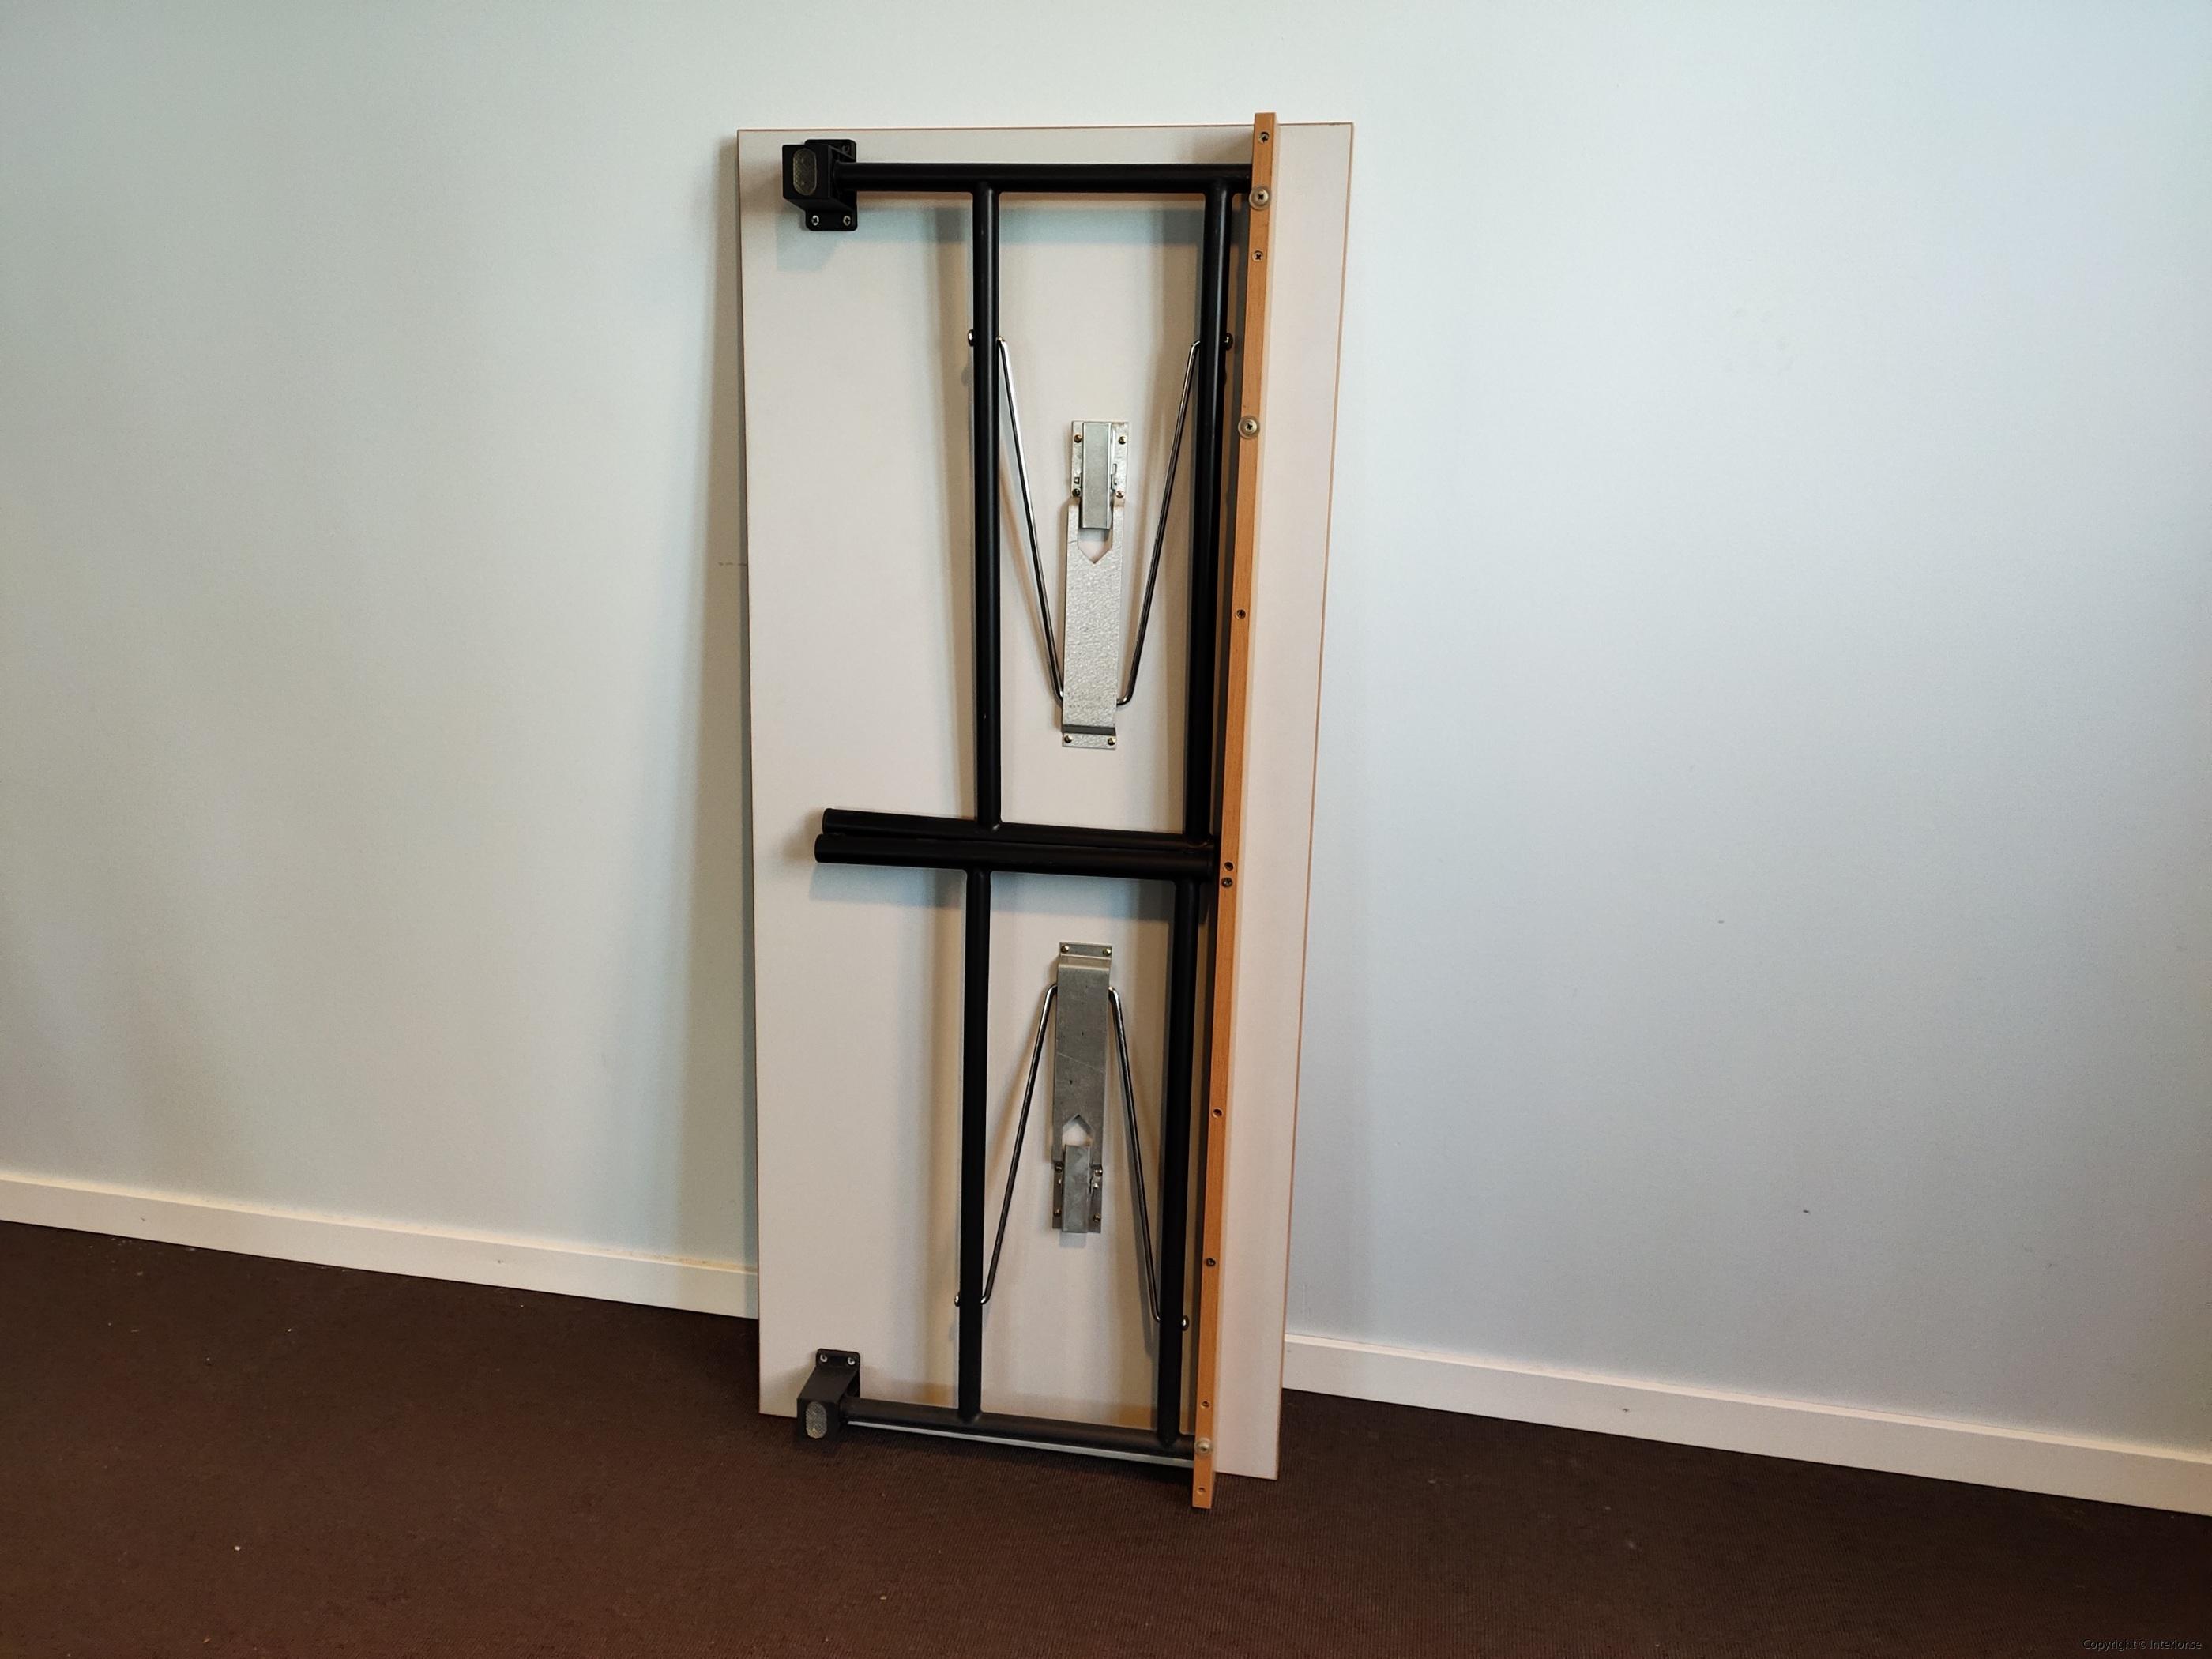 Fällbara bord  hopfällbara bord i bok - 140 x 60 cm (4)